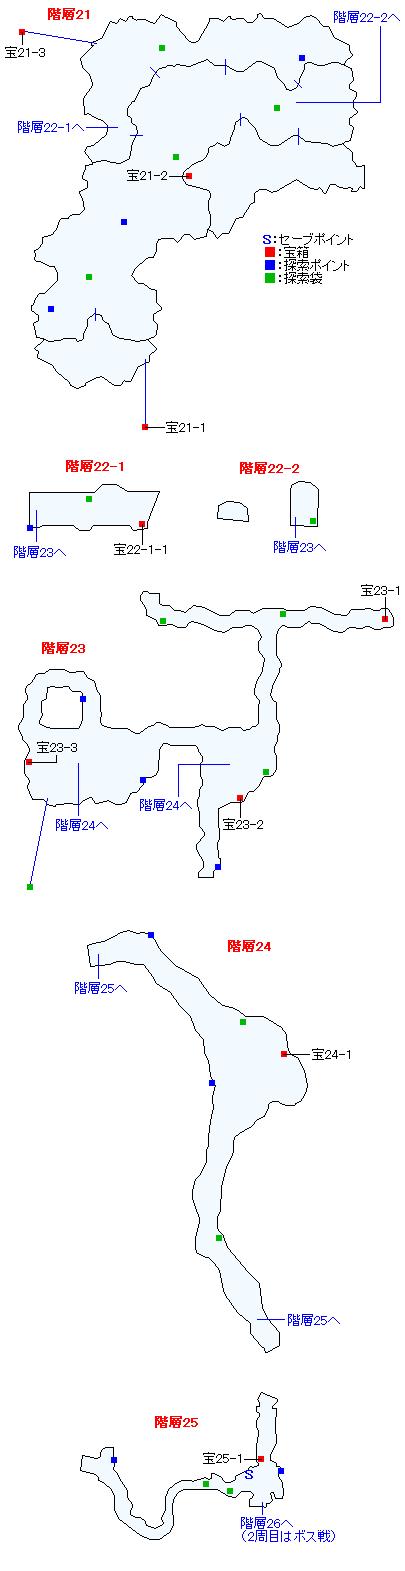 マップ画像・マグナ・ゼロ(21~25層)